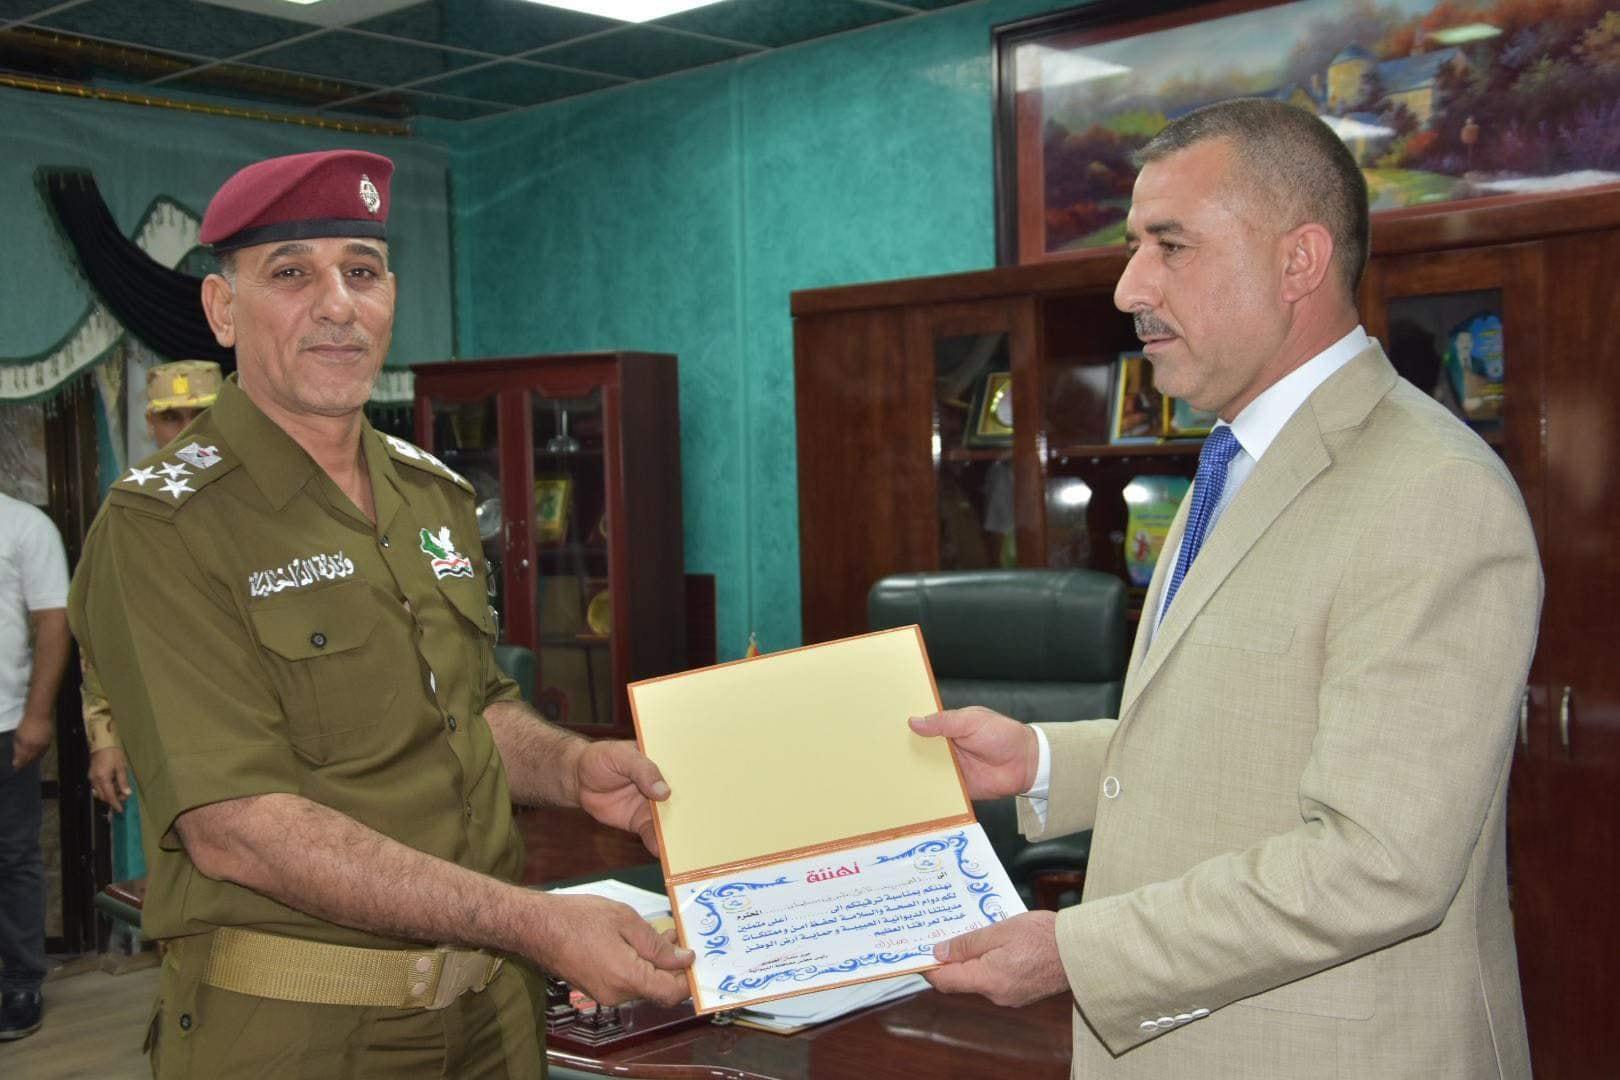 مباركا لهم ترقيتهم إلى رتبة أعلى رئيس مجلس المحافظة يكرم عددا من ضباط الأجهزة الأمنية في المحافظة